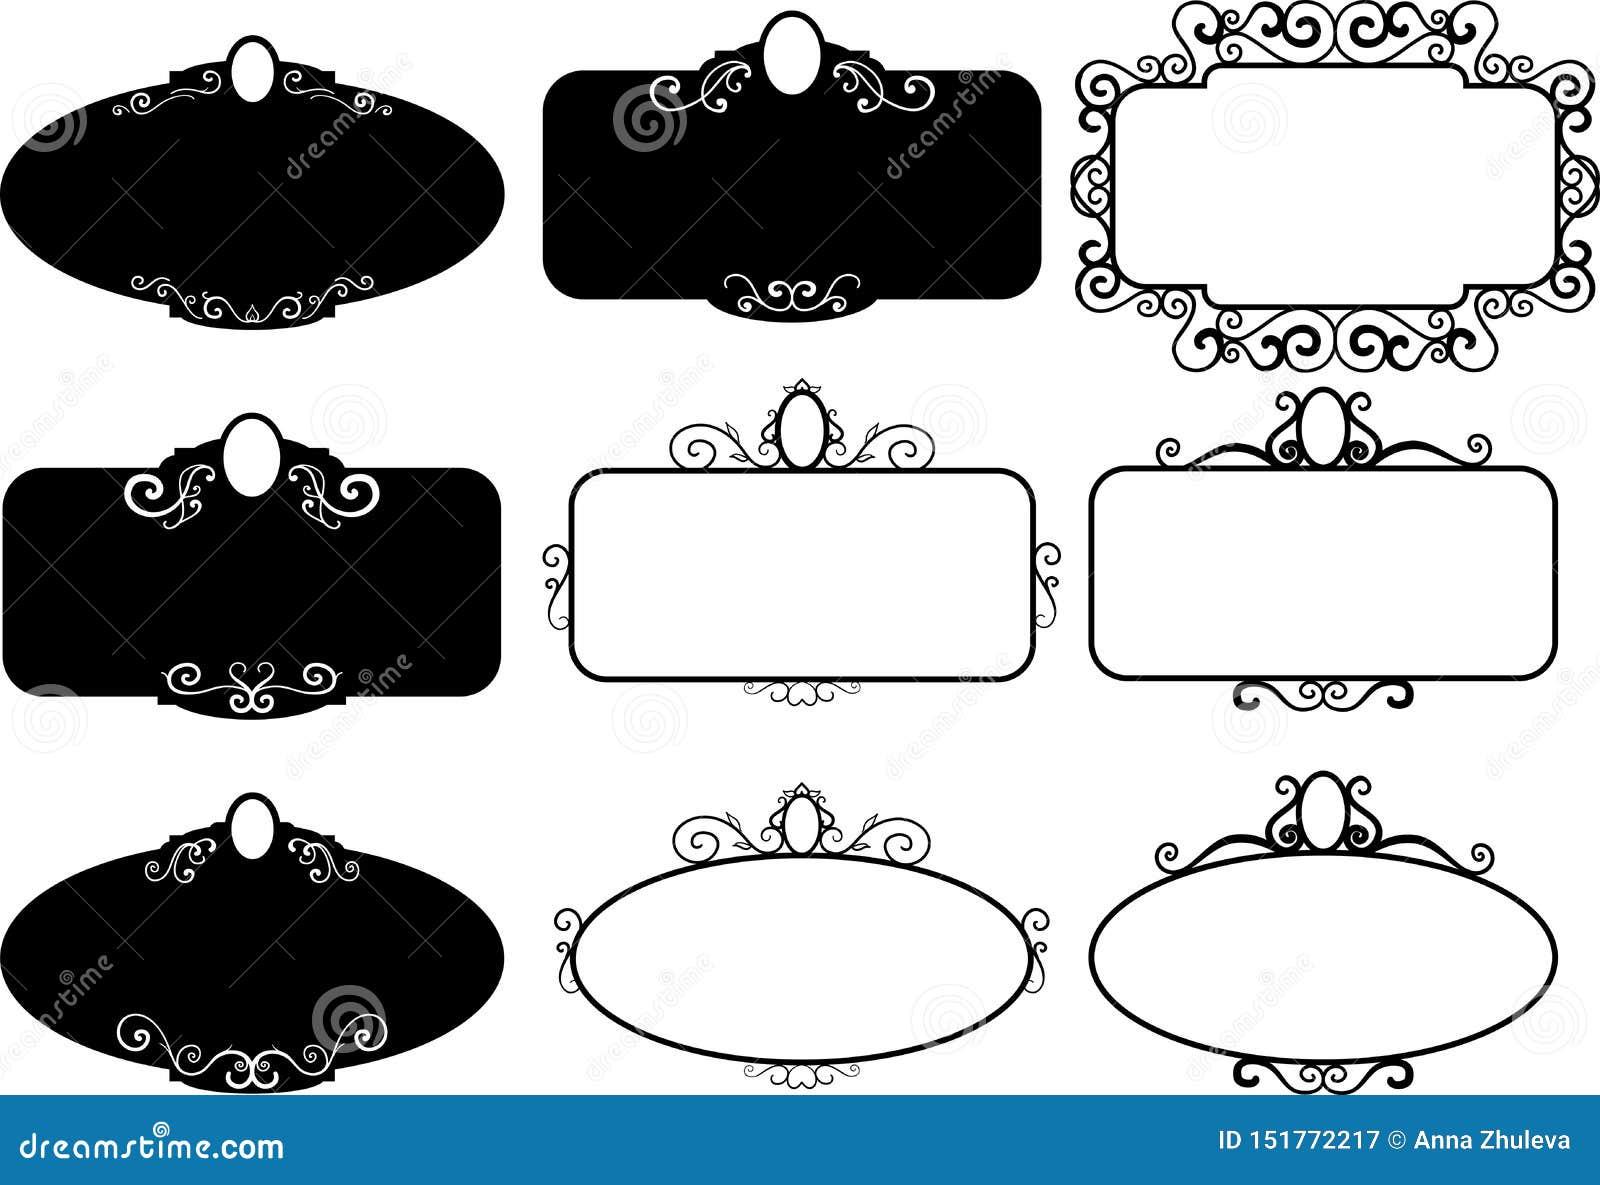 Set vintage frames, design elements. Sketch hand drawn. Decorative border